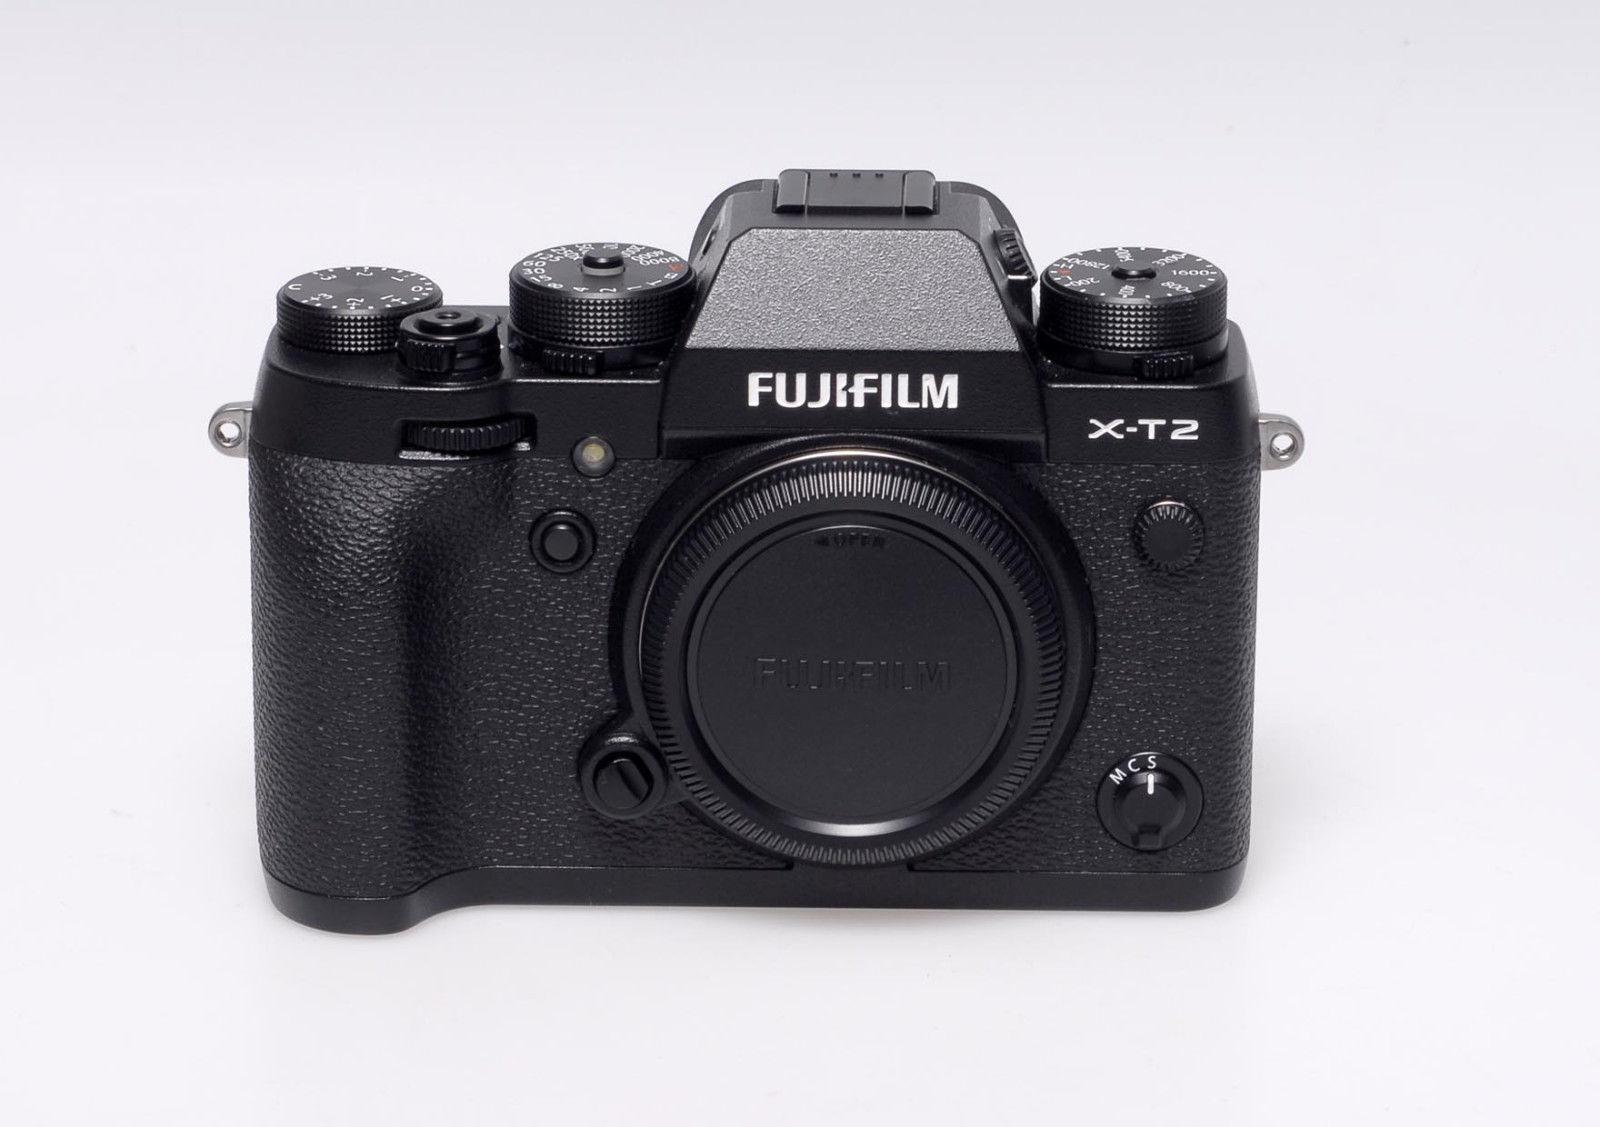 Fujifilm X series X-T2 Digitalkamera - Schwarz - mit Blitz EF-X8 - gebraucht